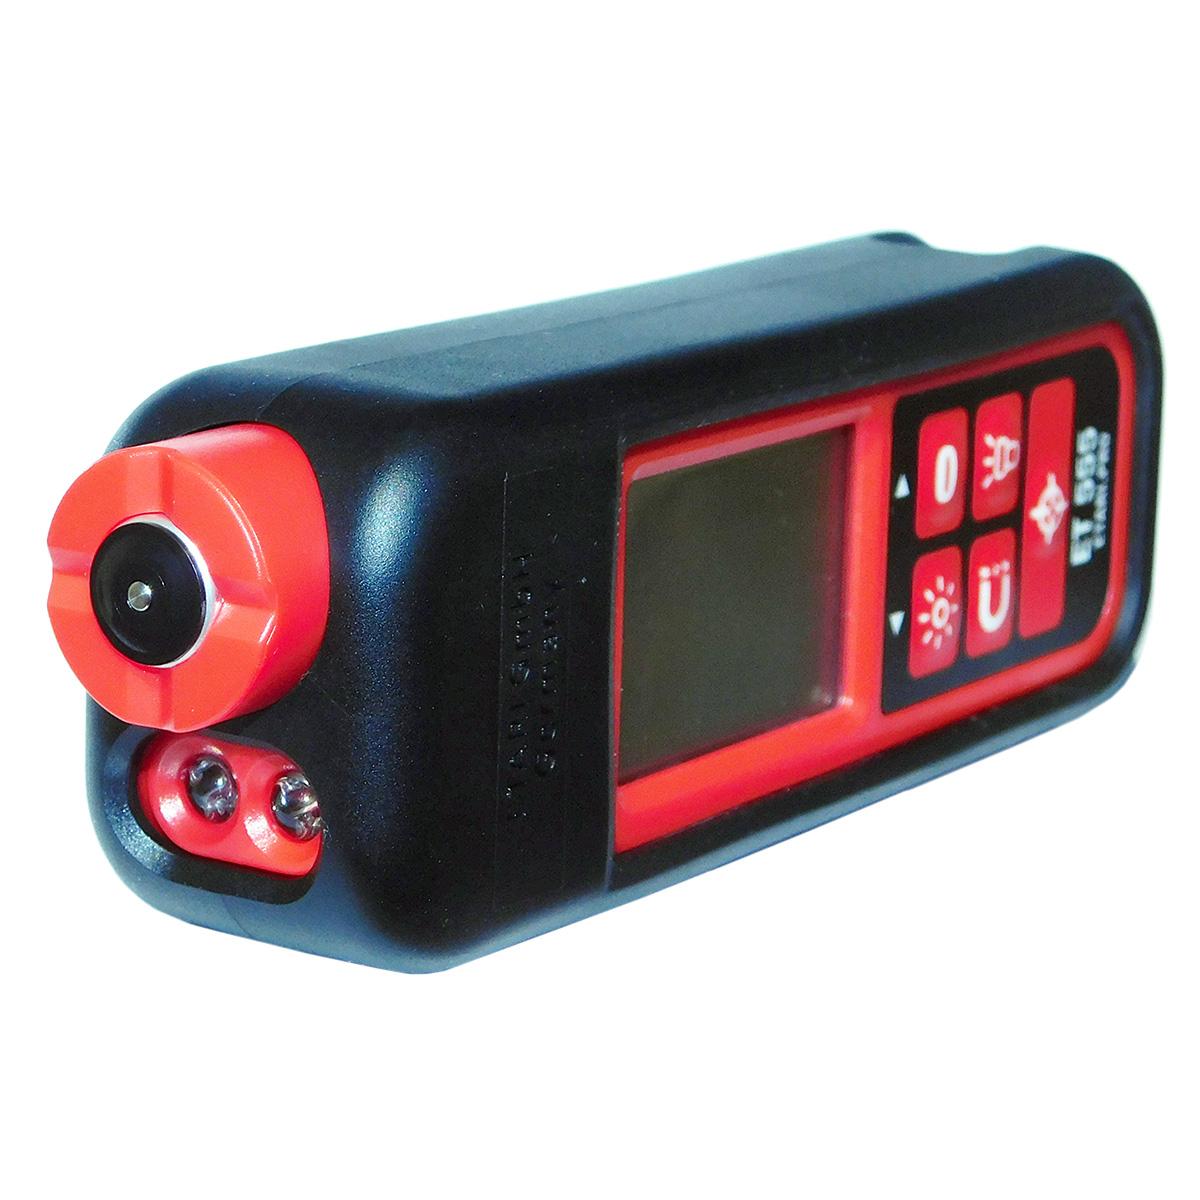 Толщиномер ЕТ 555, фото, описание